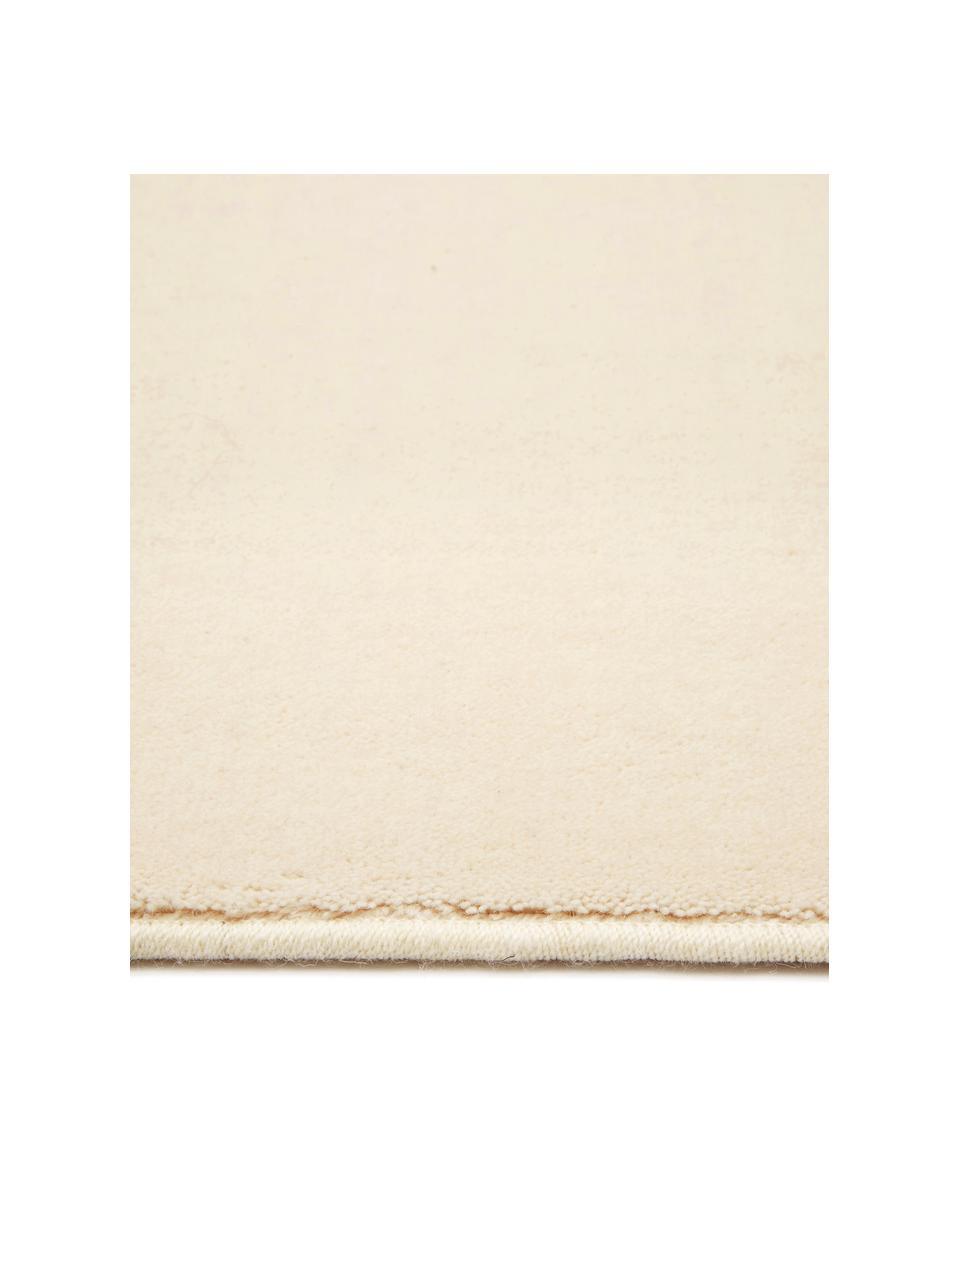 Wollteppich Ida in Beige, Flor: 100% Wolle, Beige, B 200 x L 300 cm (Größe L)